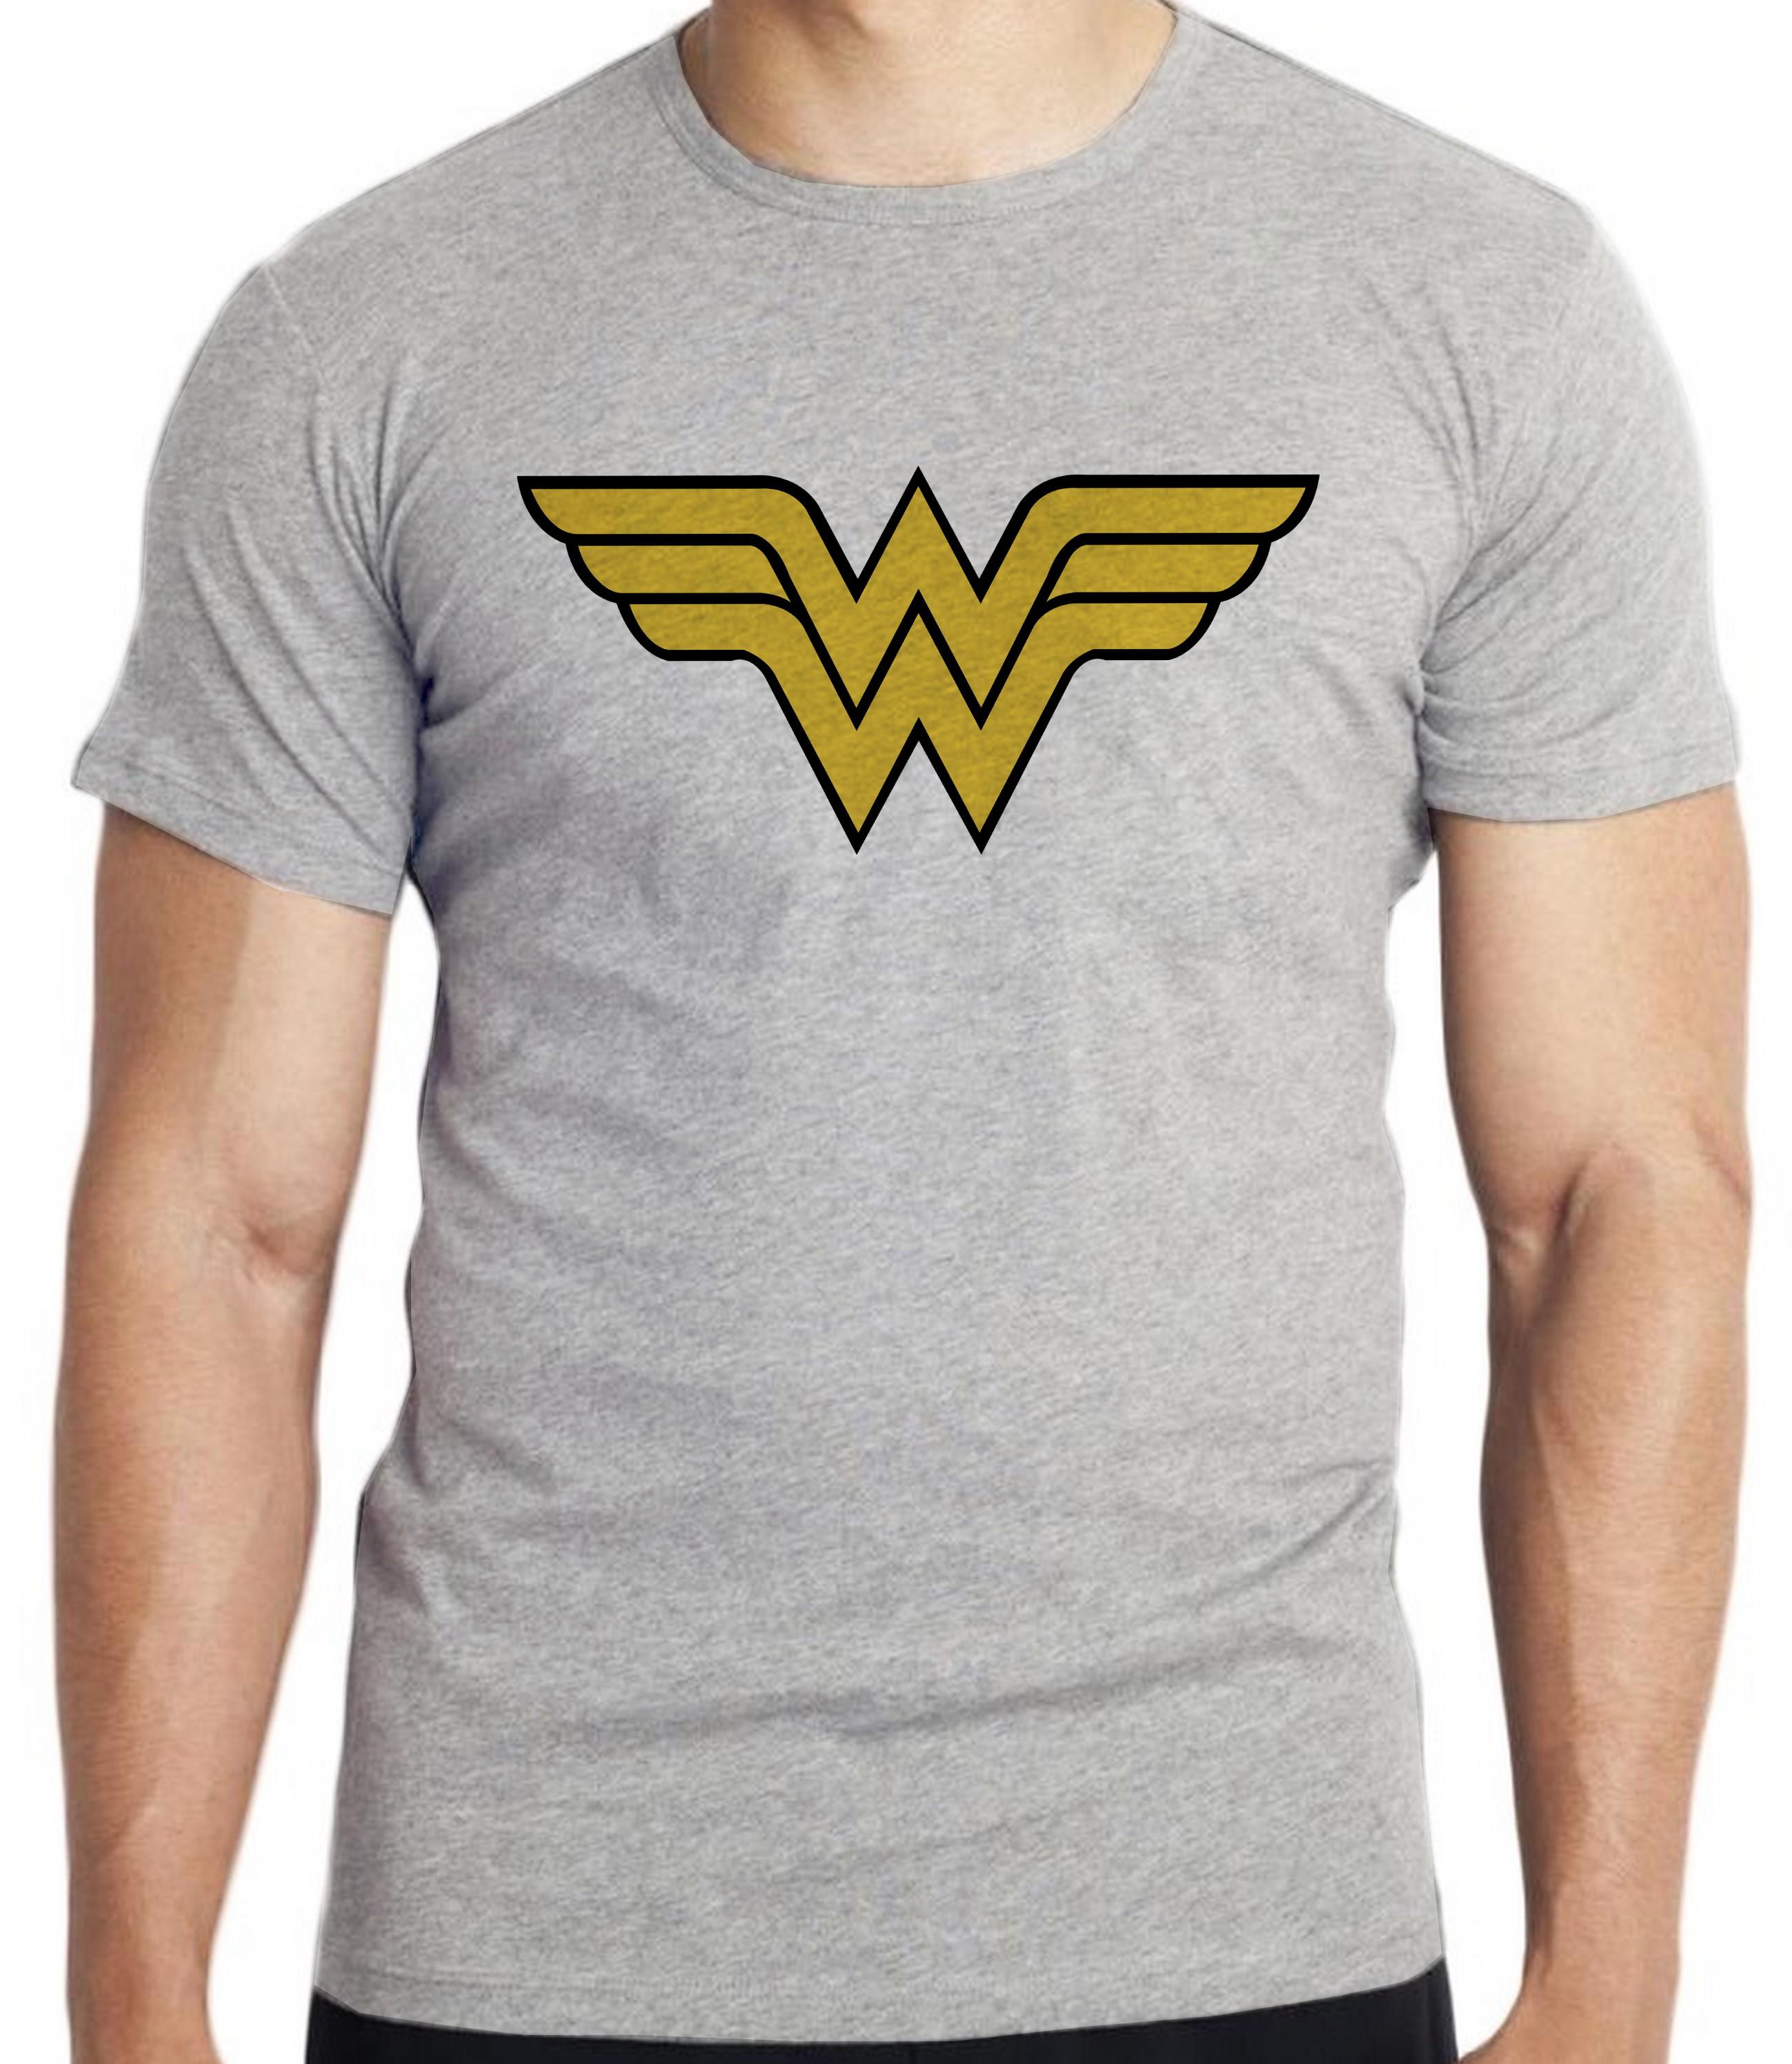 Camiseta Personalizada com Sua Logo Estampe Sua Marca Blusa  313646baade